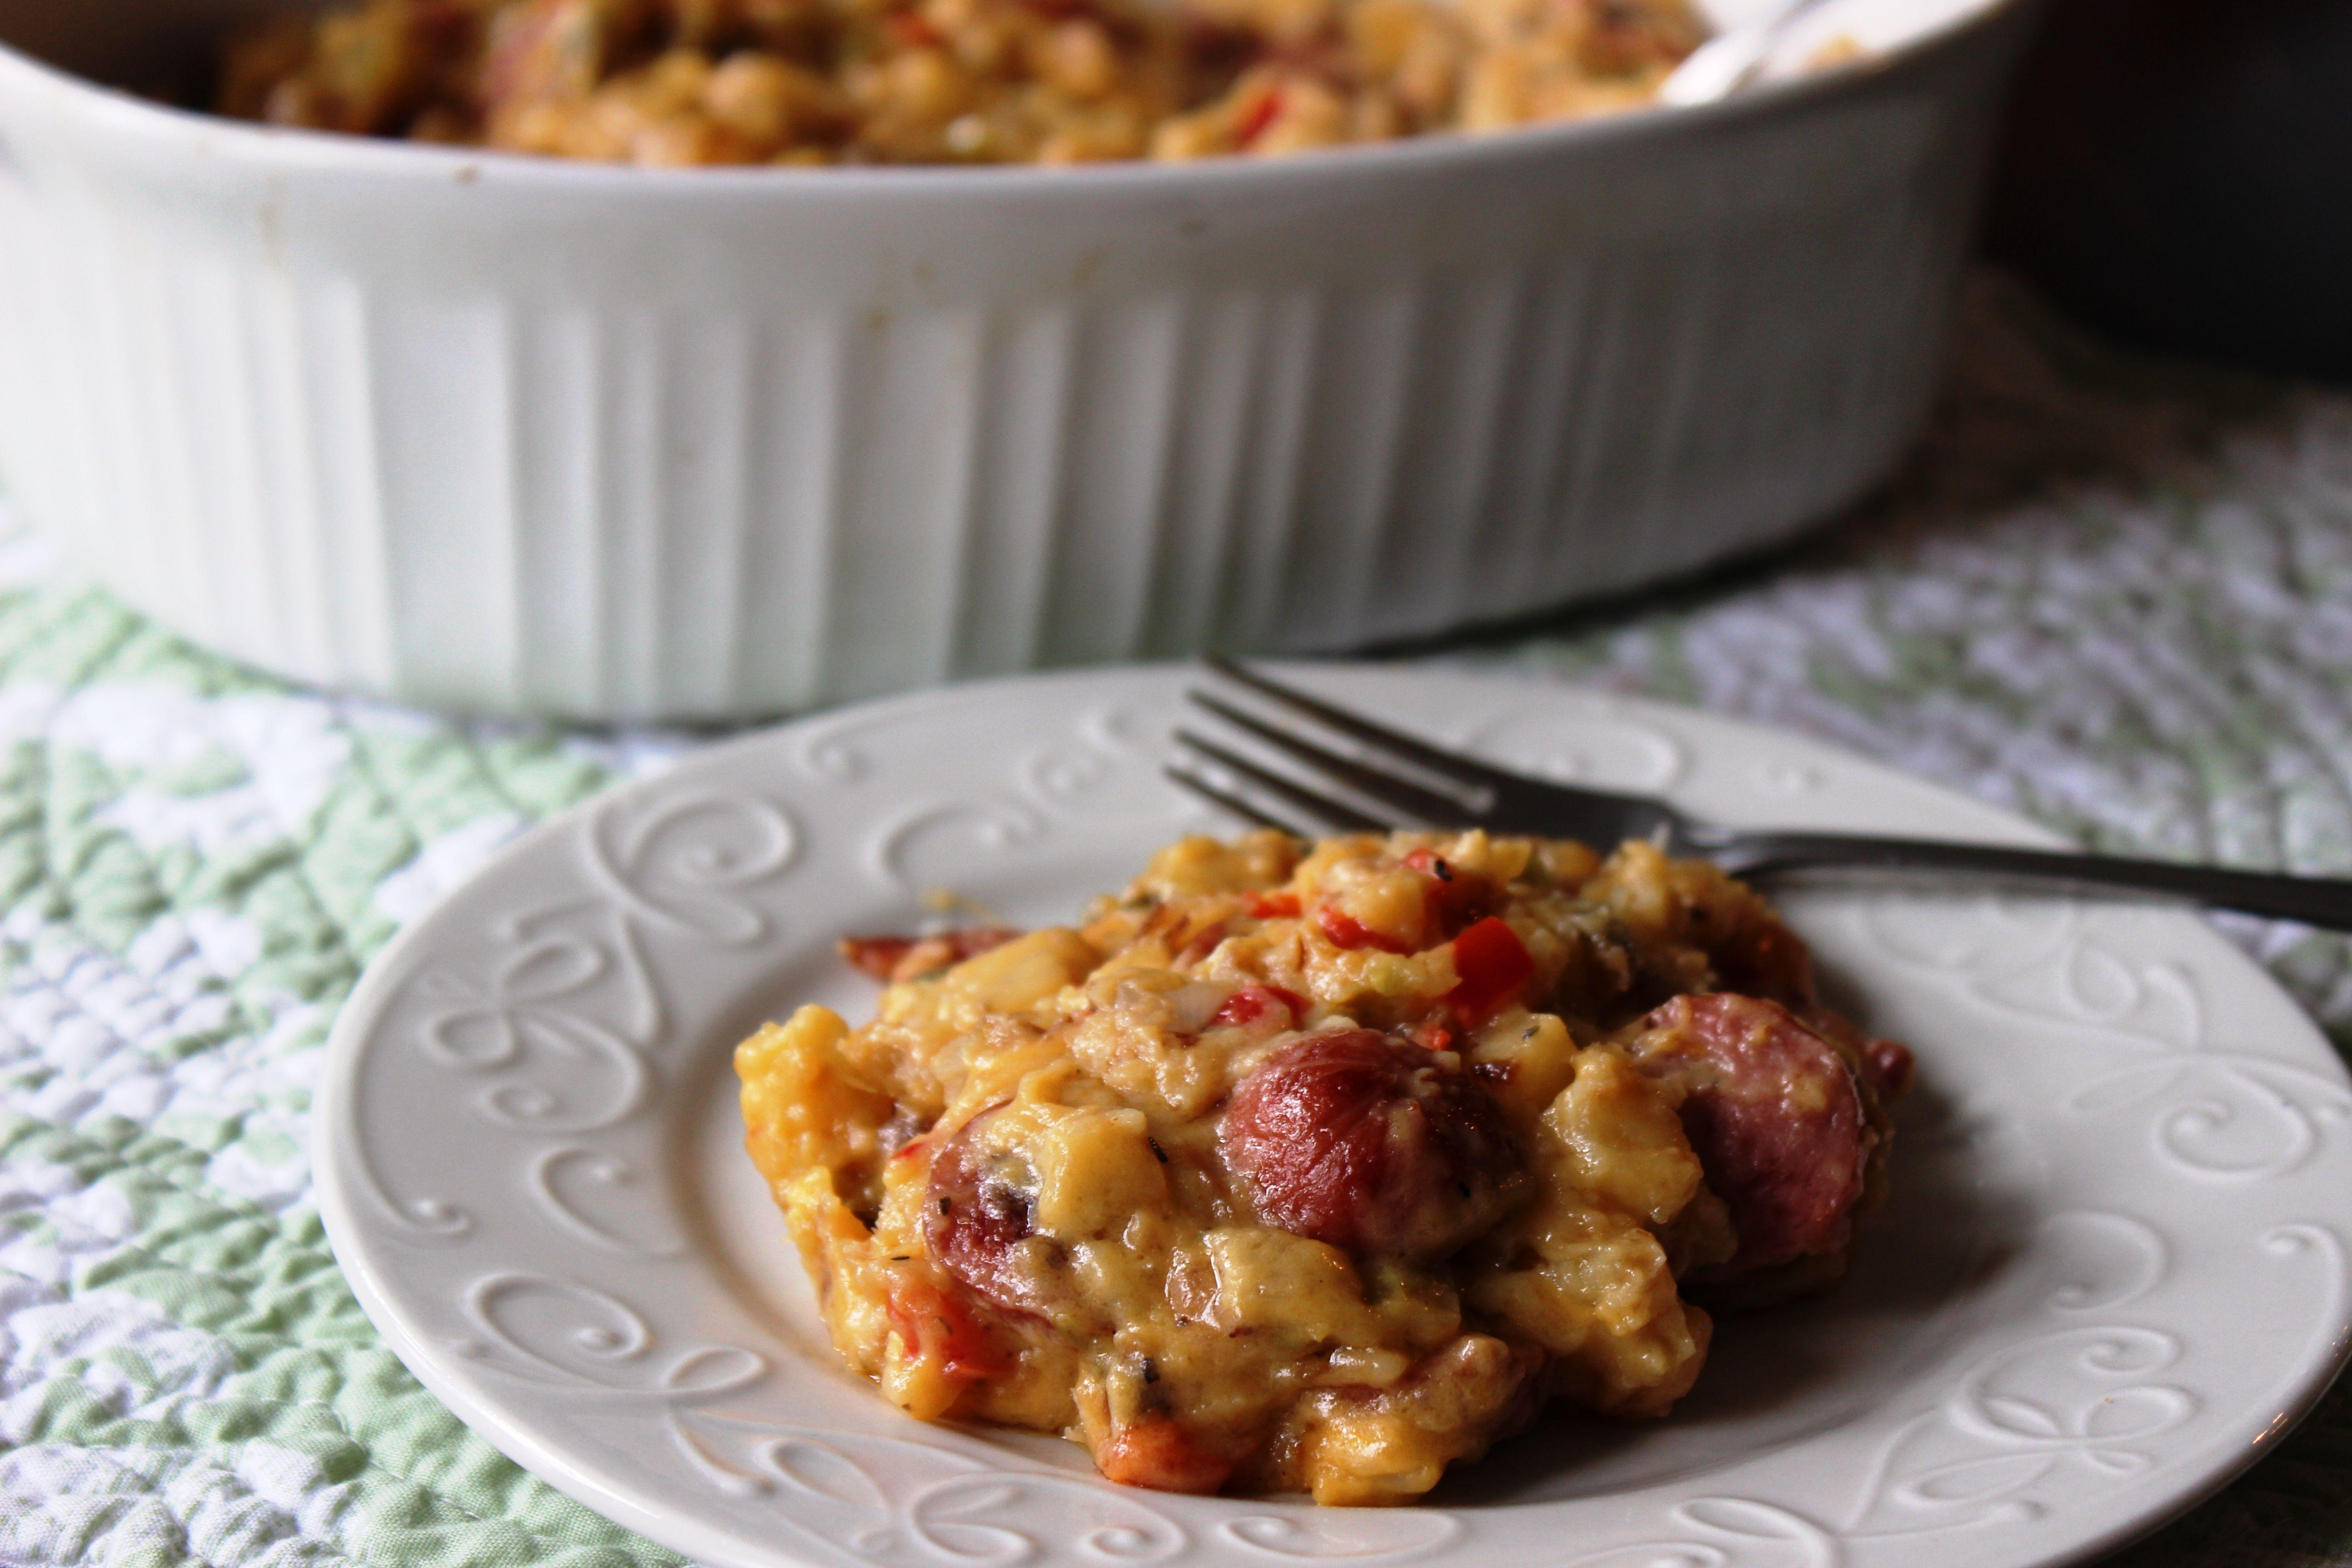 Smoked Sausage & Potato Skillet Dinner